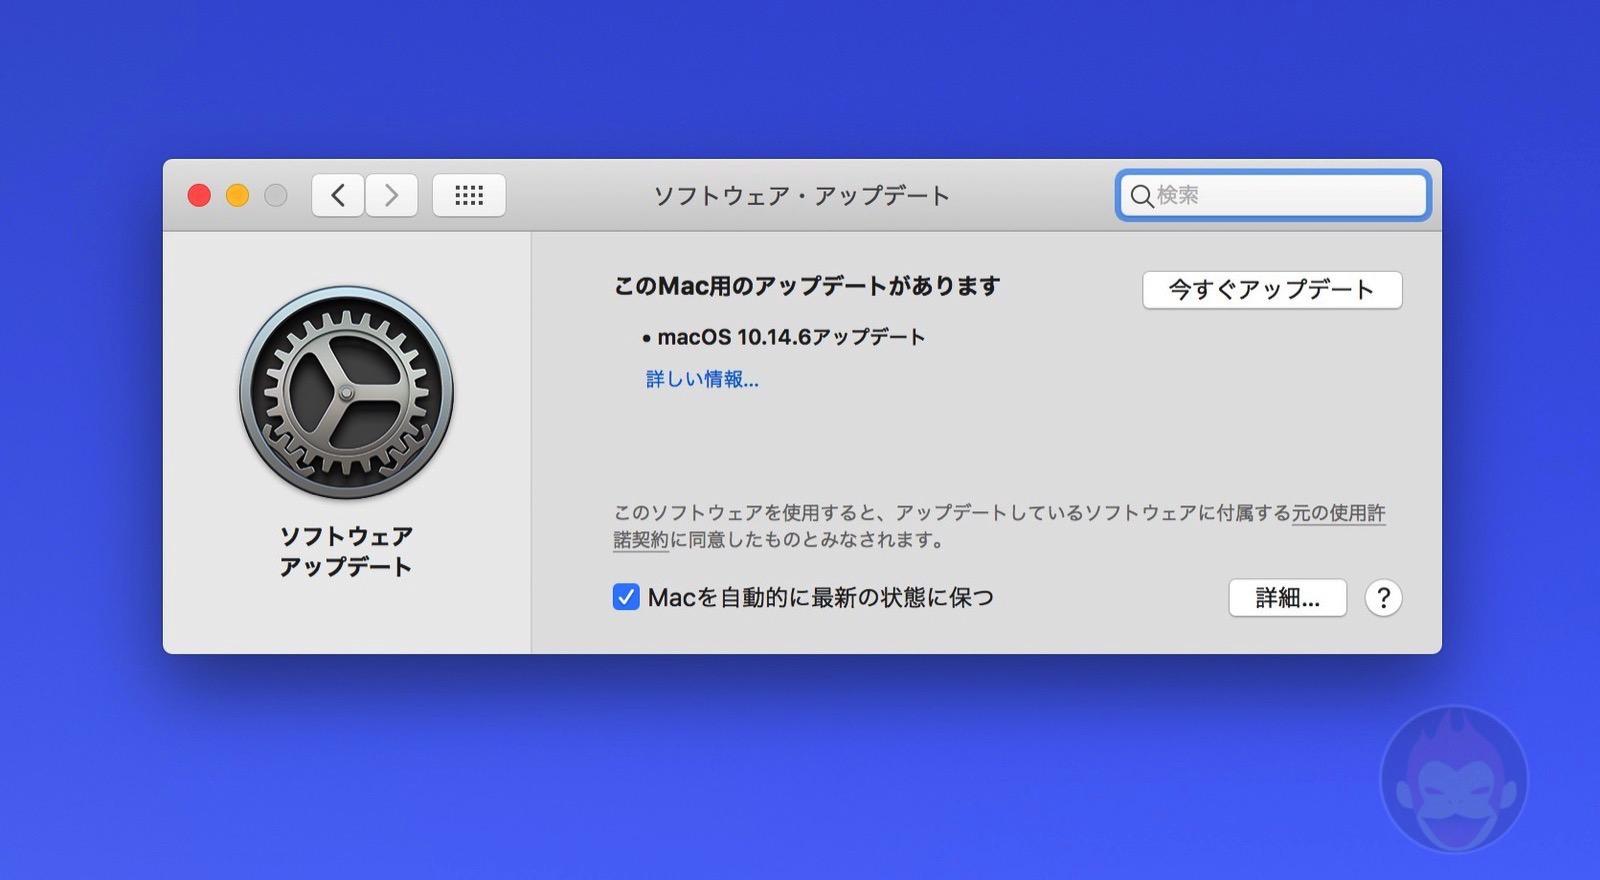 macOS-mojave-10_14_6-update-01.jpg